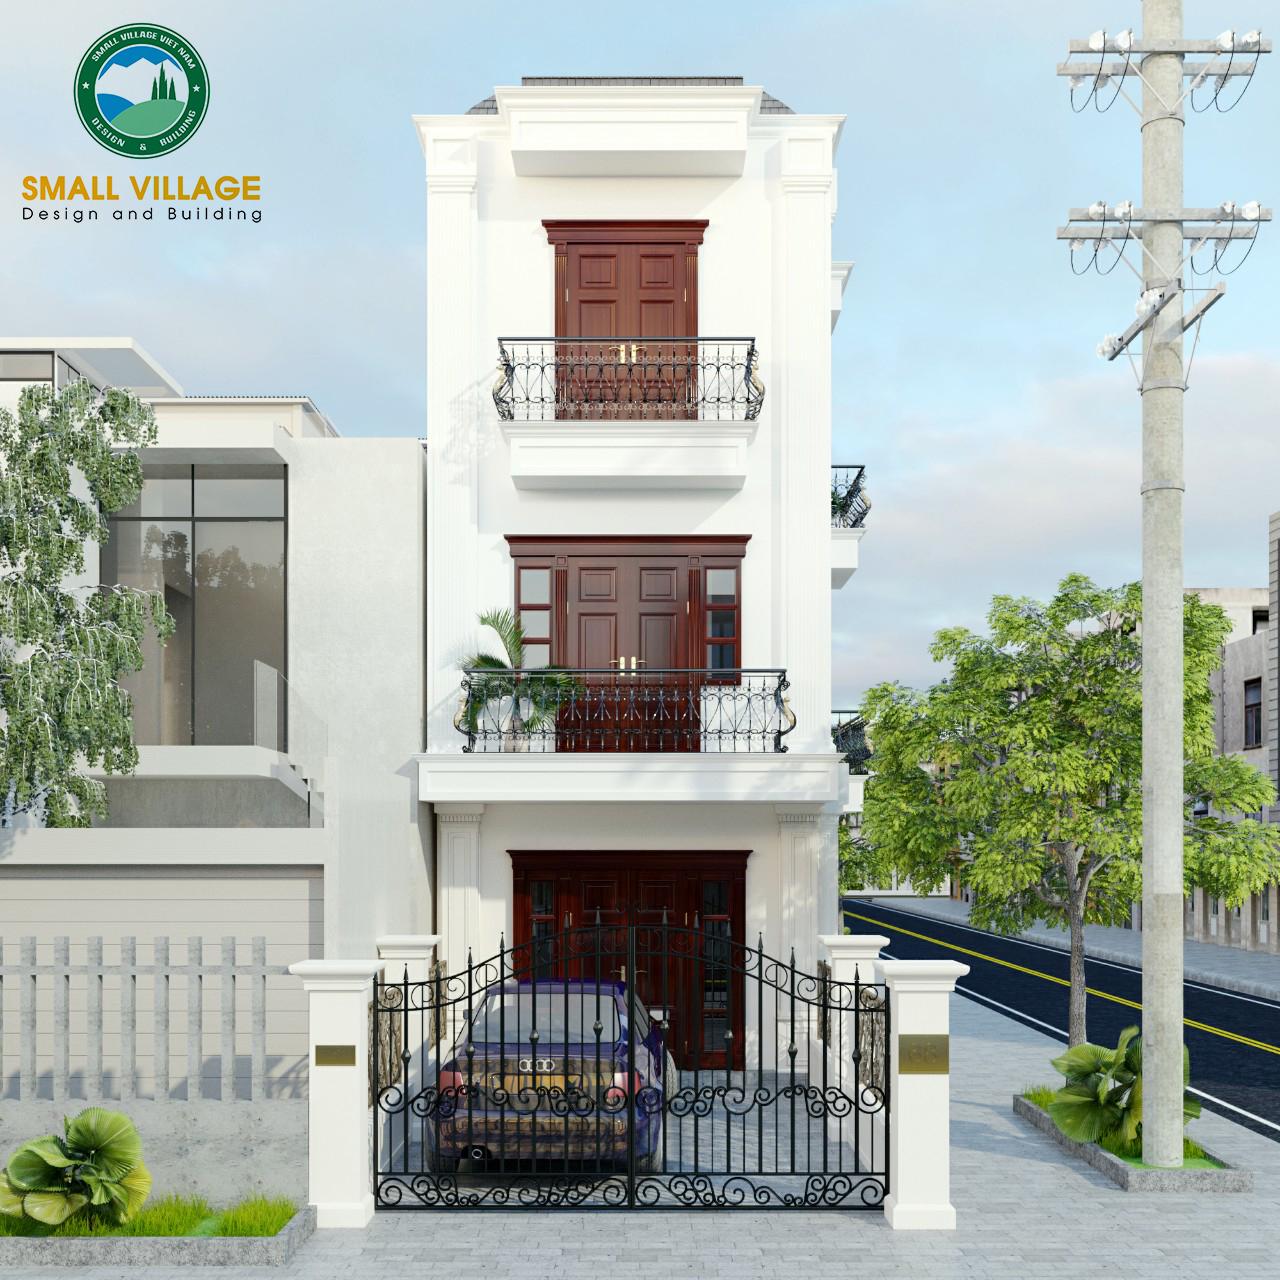 Thiết Kế Nhà Ninh Bình với kiến trúc nhà phố hiện đại 4 tầng 5x15m đẹp, nhiều cửa sổ